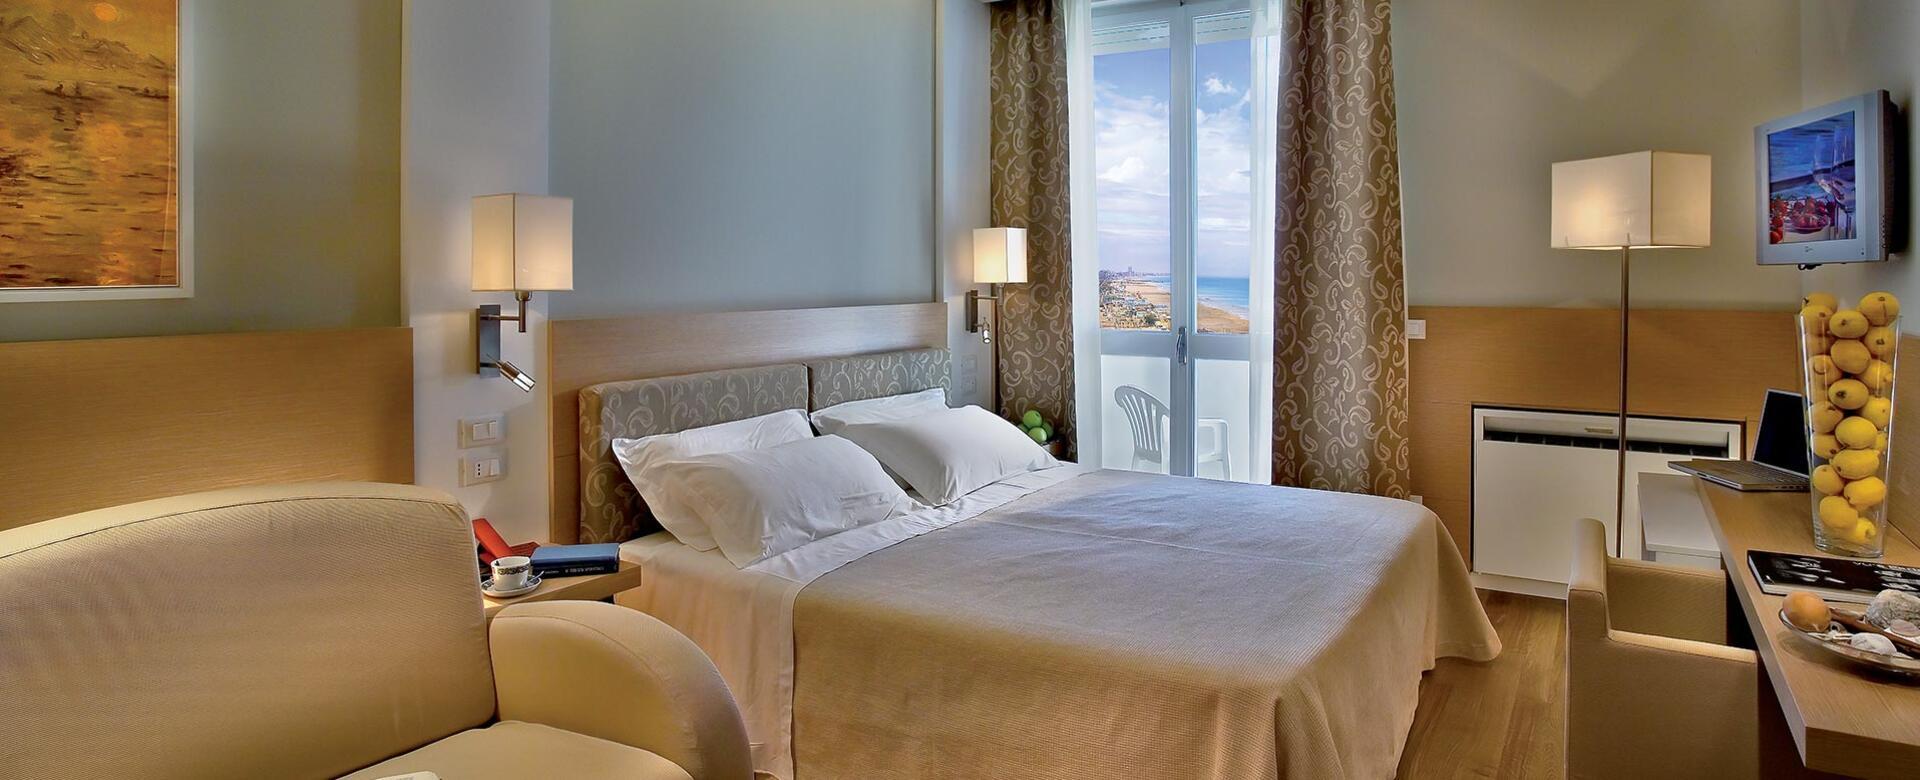 alexandraplaza en rooms-hotel-riccione 005